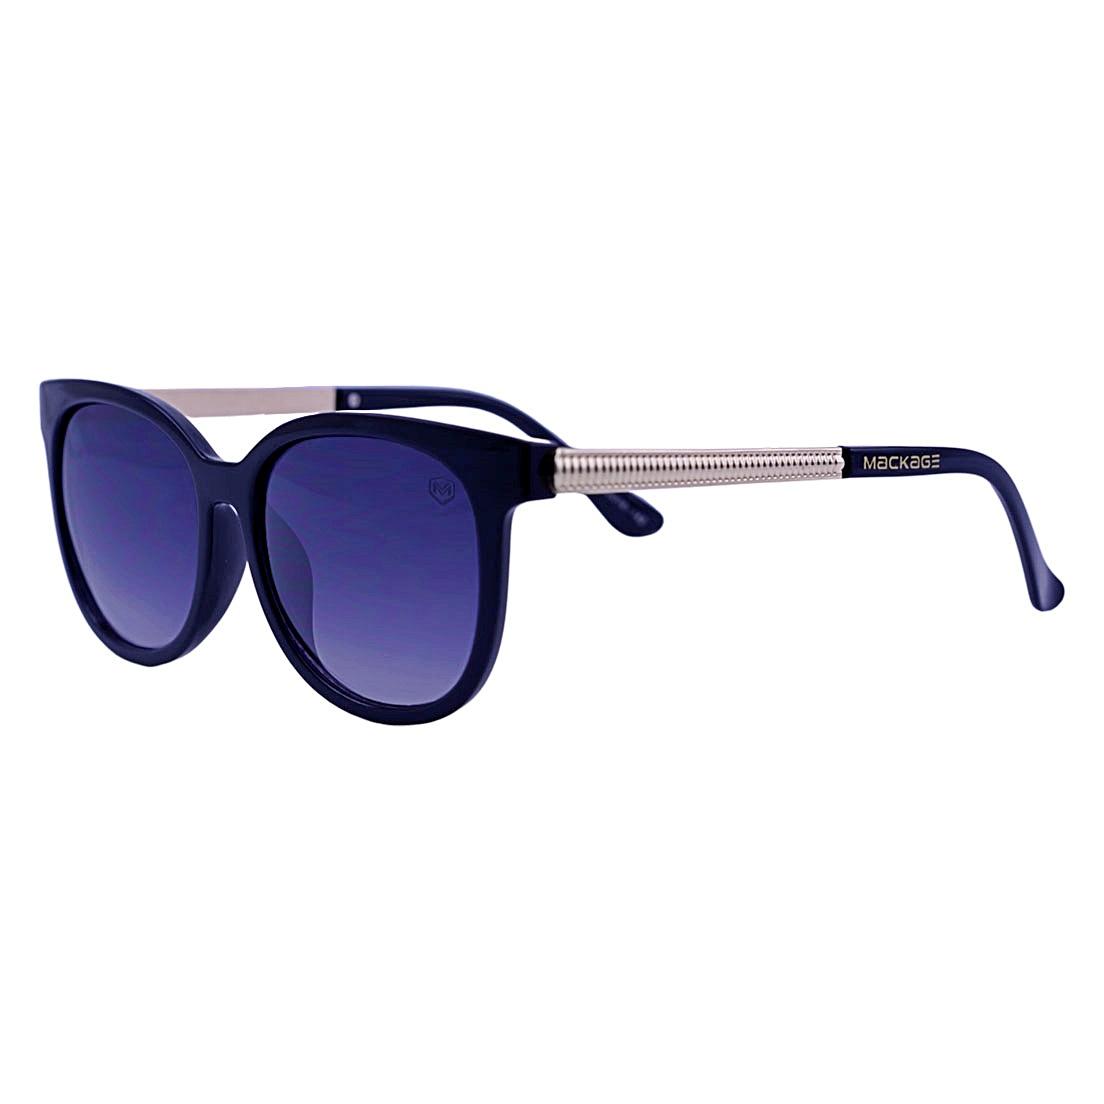 Óculos De Sol Mackage Feminino Acetato/Metal Oval - Preto/Dourado